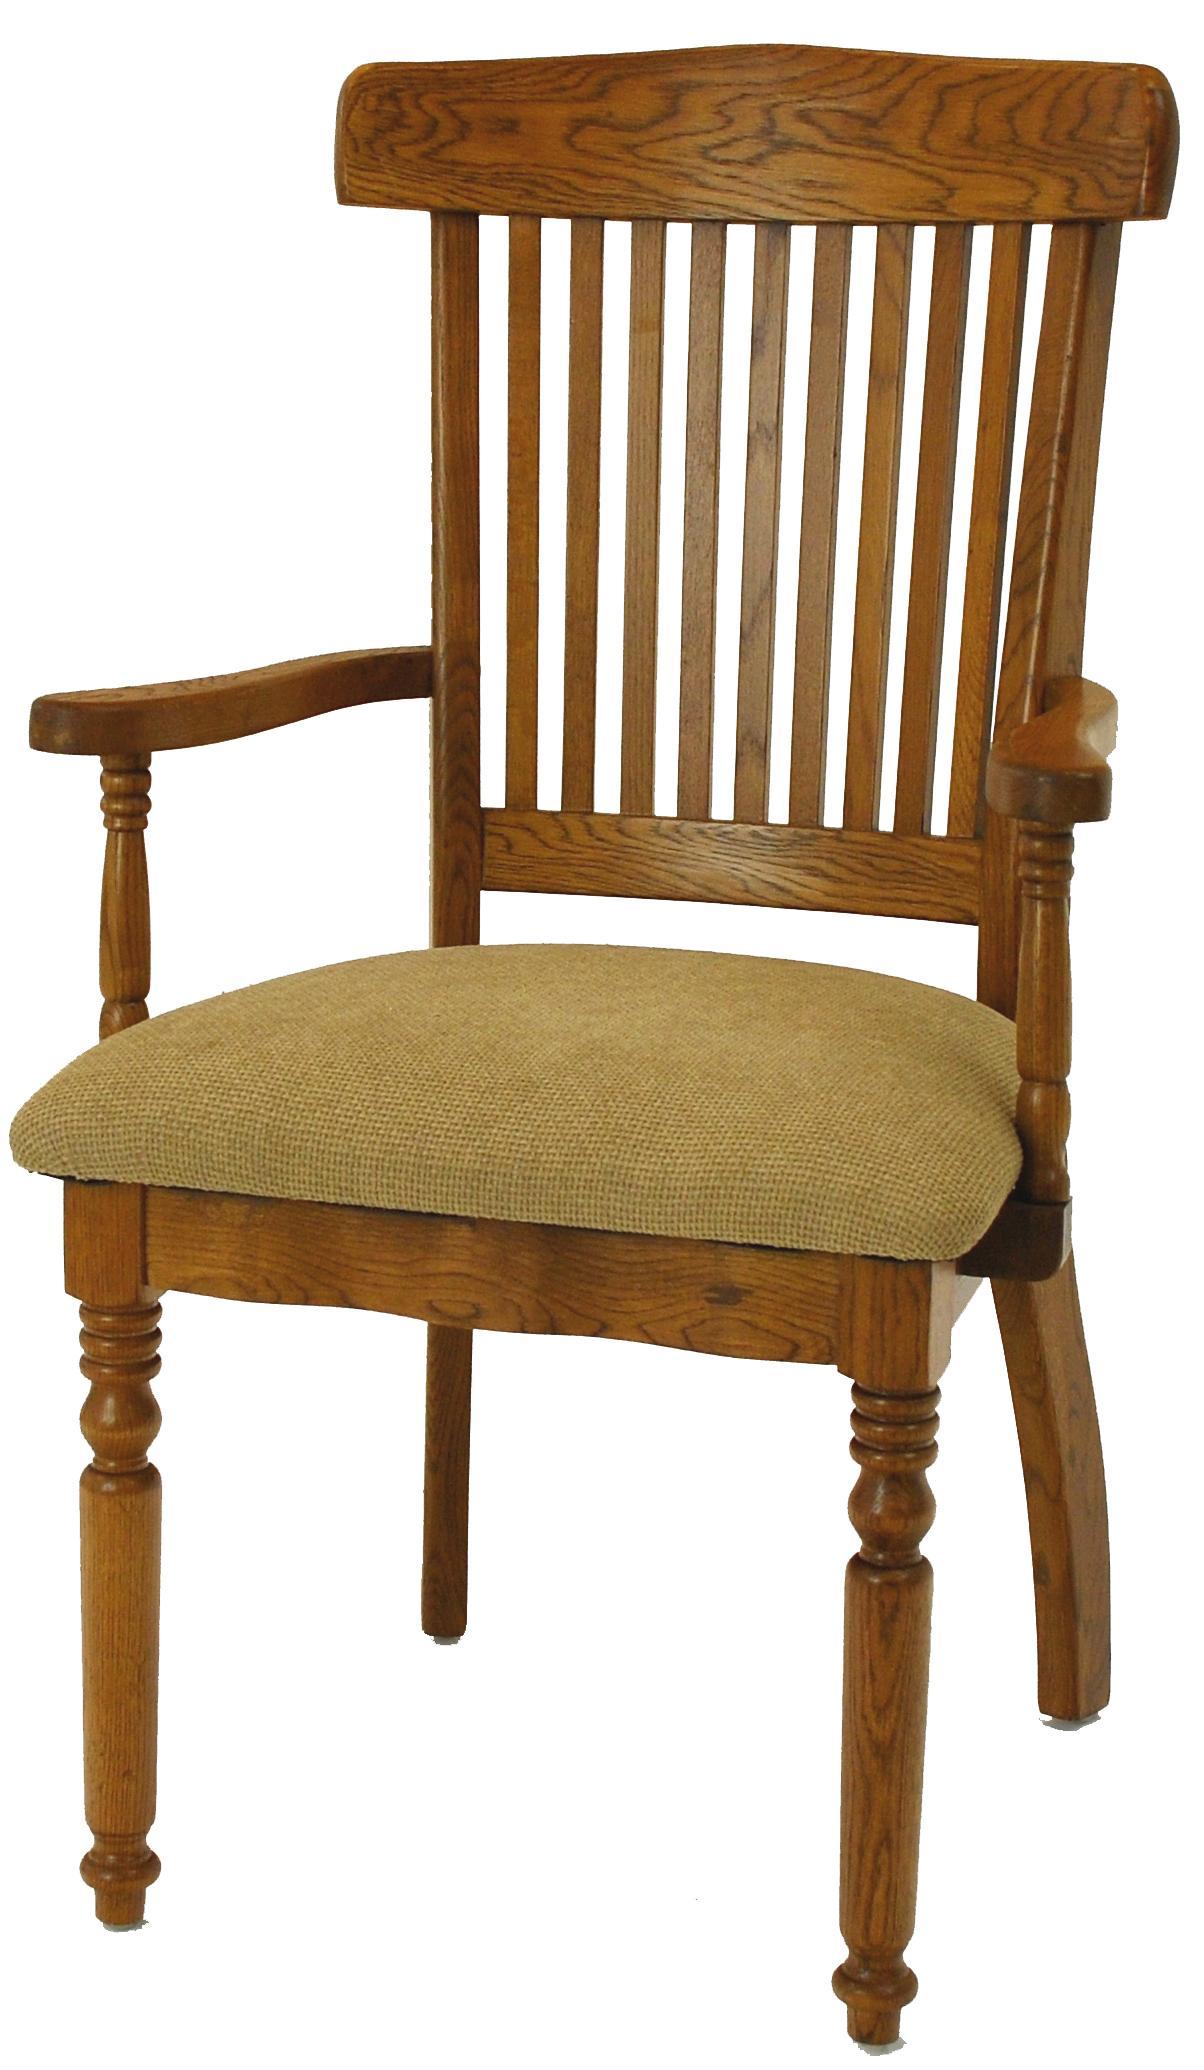 Grand Arm Chair with Cushion